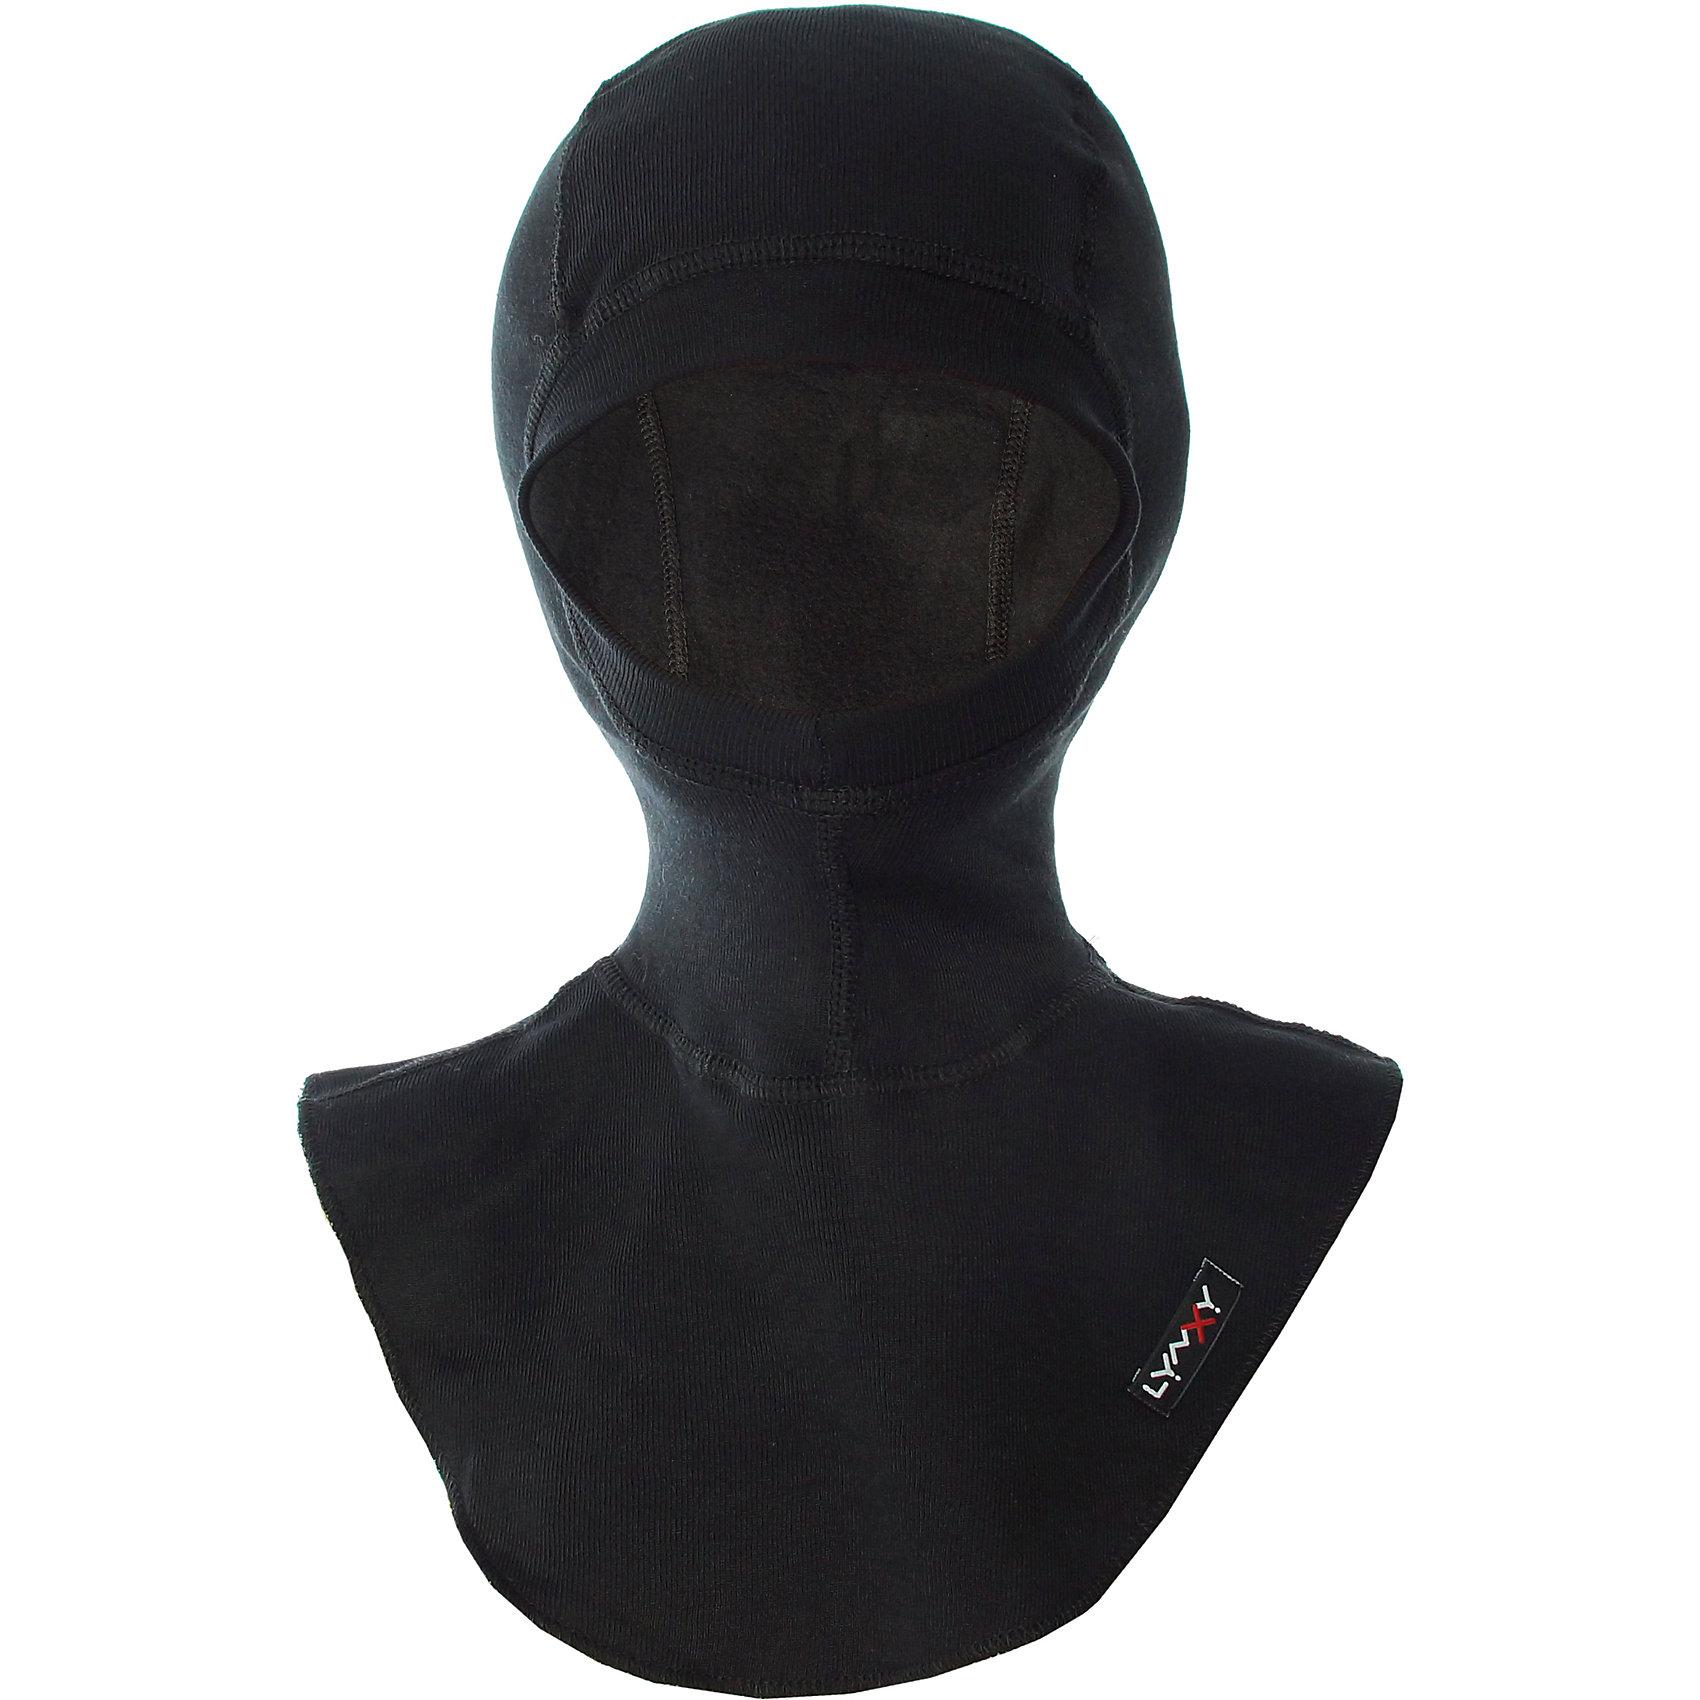 Шапка-шлем LynxyШапка-шлем от известного бренда Lynxy.<br>Детский подшлемник выполнен из мягкого термополотна Trevira с микроначесом с изнаночной стороны. Благодаря эластичному и мягкому полотну приятно к телу, плоские швы и эргономические лекала обеспечивают комфортное прилегание изделия. Идеально сохраняет тепло и выводит влагу, позволяя коже оставаться сухой. Благодаря присутствию ионов серебра в структуре полотна, имеет противомикробные свойства. Идеально подходит для длительных прогулок и активных занятий спортом в холодное время года до - 30 градусов. Рекомендуется деликатная машинная стирка при температуре 30 градусов без предварительного замачивания.<br>Состав:<br>полиэстер 95% + вискоза 5%<br><br>Ширина мм: 89<br>Глубина мм: 117<br>Высота мм: 44<br>Вес г: 155<br>Цвет: черный<br>Возраст от месяцев: 60<br>Возраст до месяцев: 120<br>Пол: Унисекс<br>Возраст: Детский<br>Размер: 54<br>SKU: 5173108